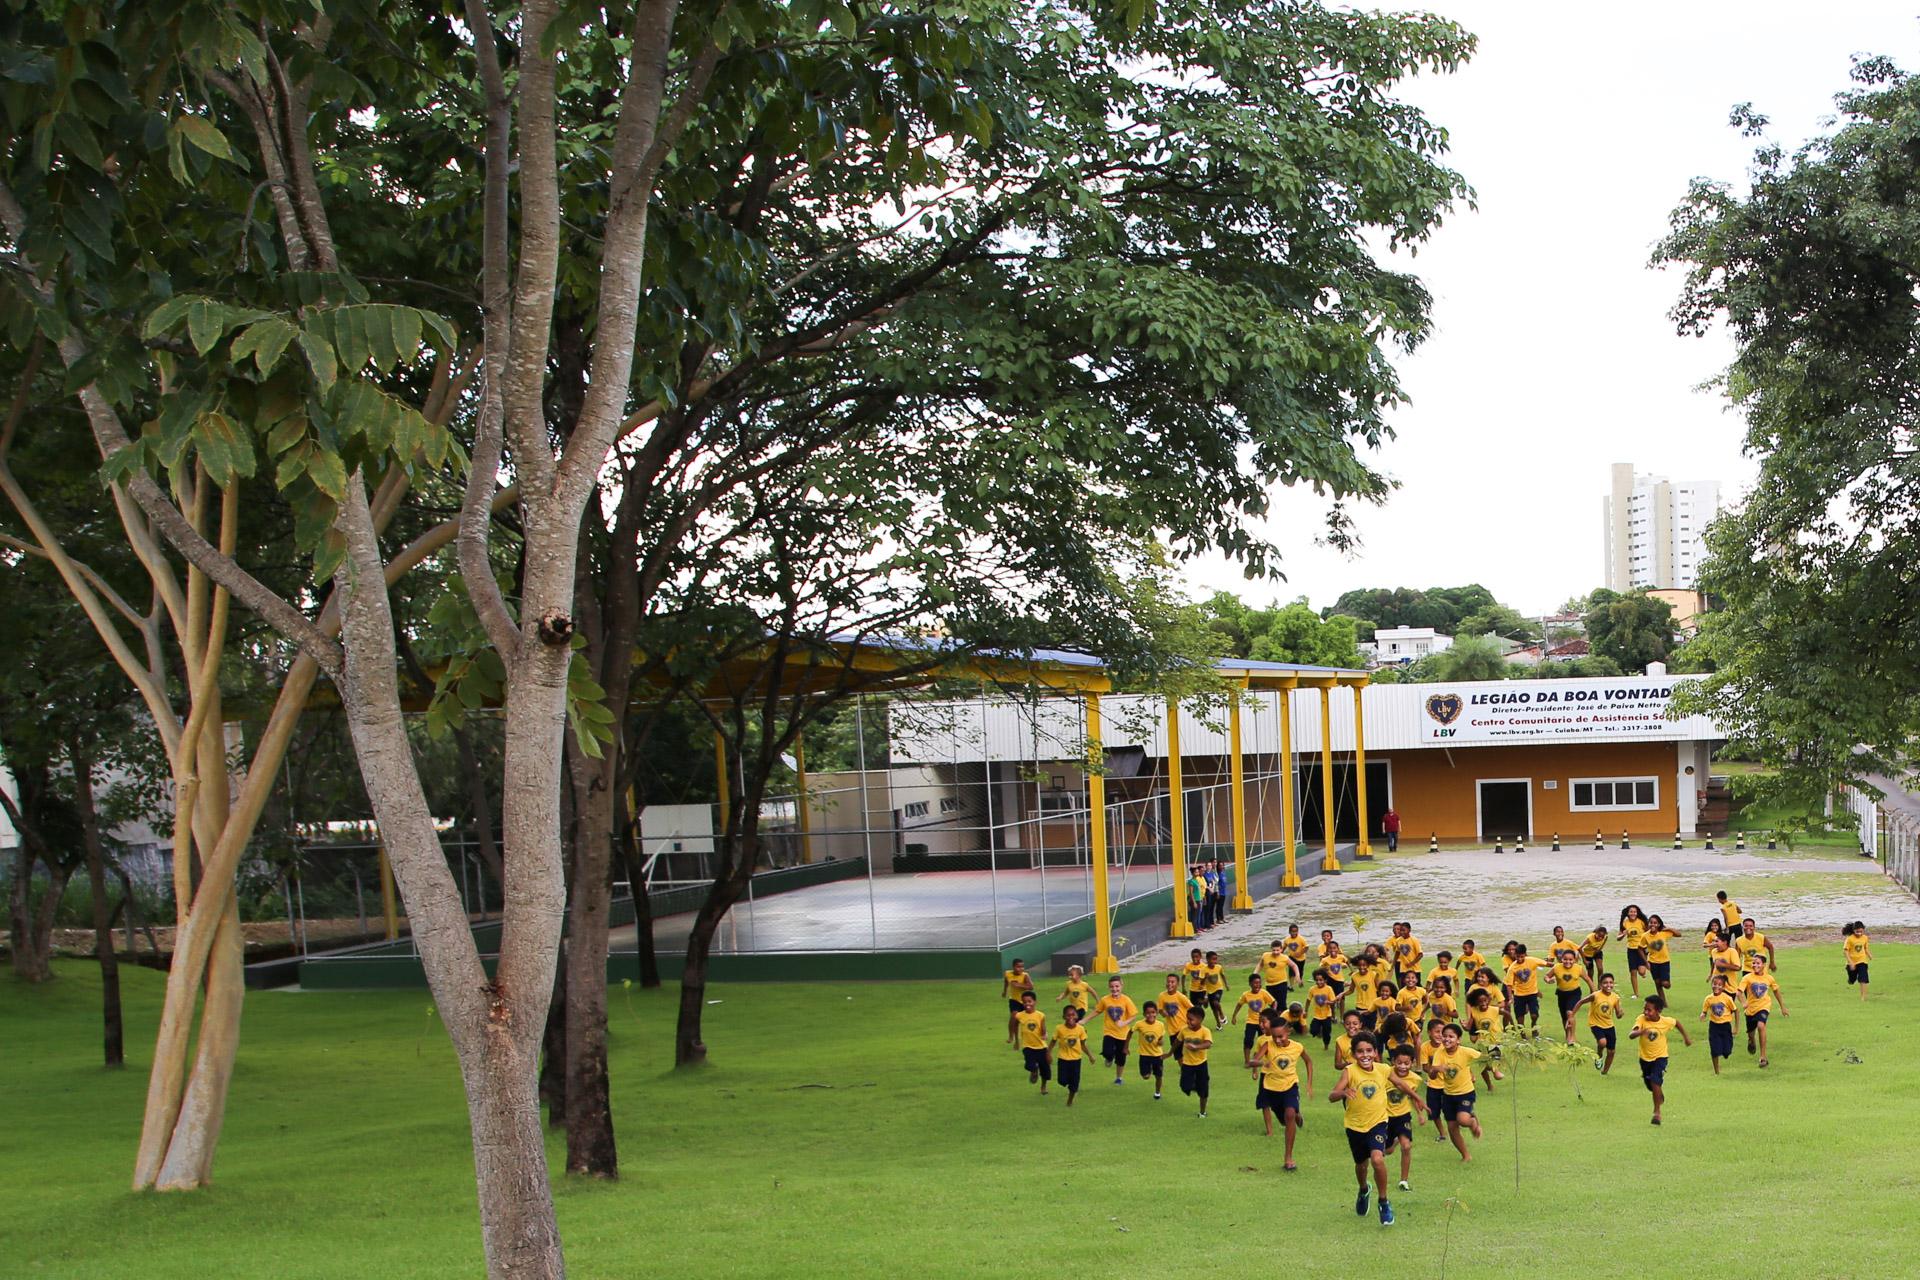 Em um local de área verde privilegiada, as crianças têm contato com a natureza e podem praticar atividades ao ar livre.